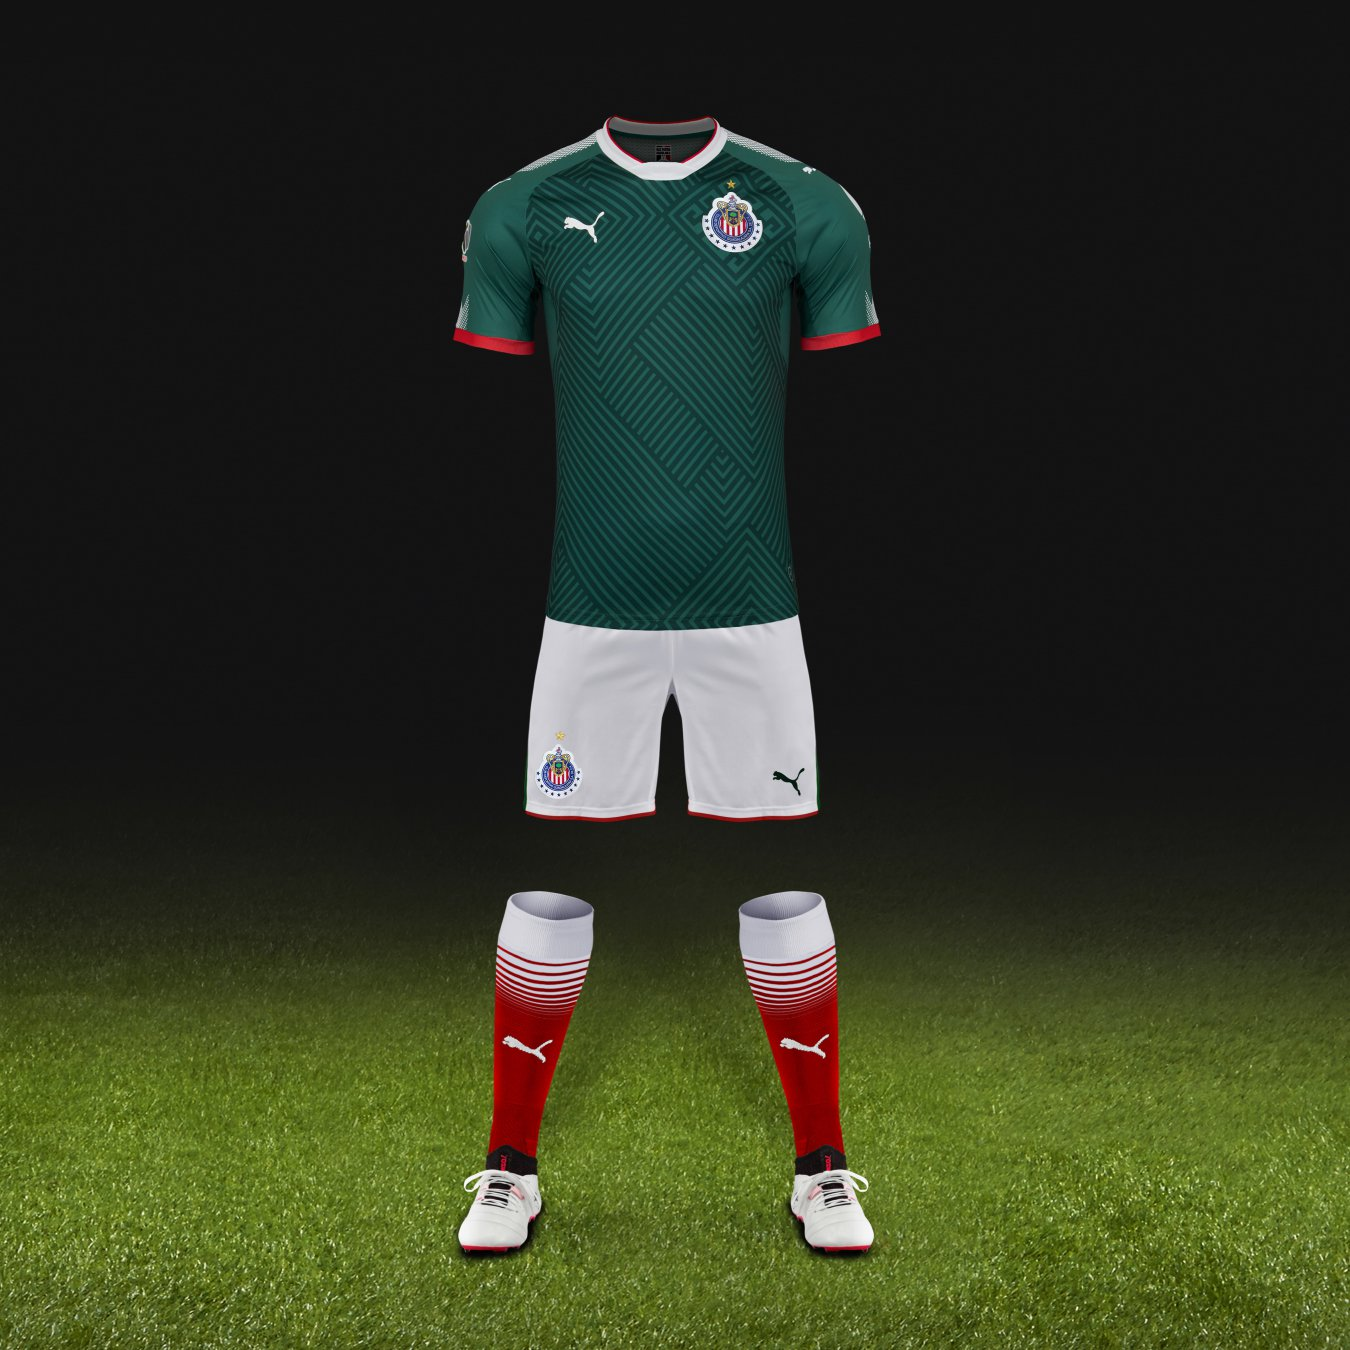 Chivas presenta nueva playera verde para el Apertura 2017 - AS México 1e32f099ea6a6